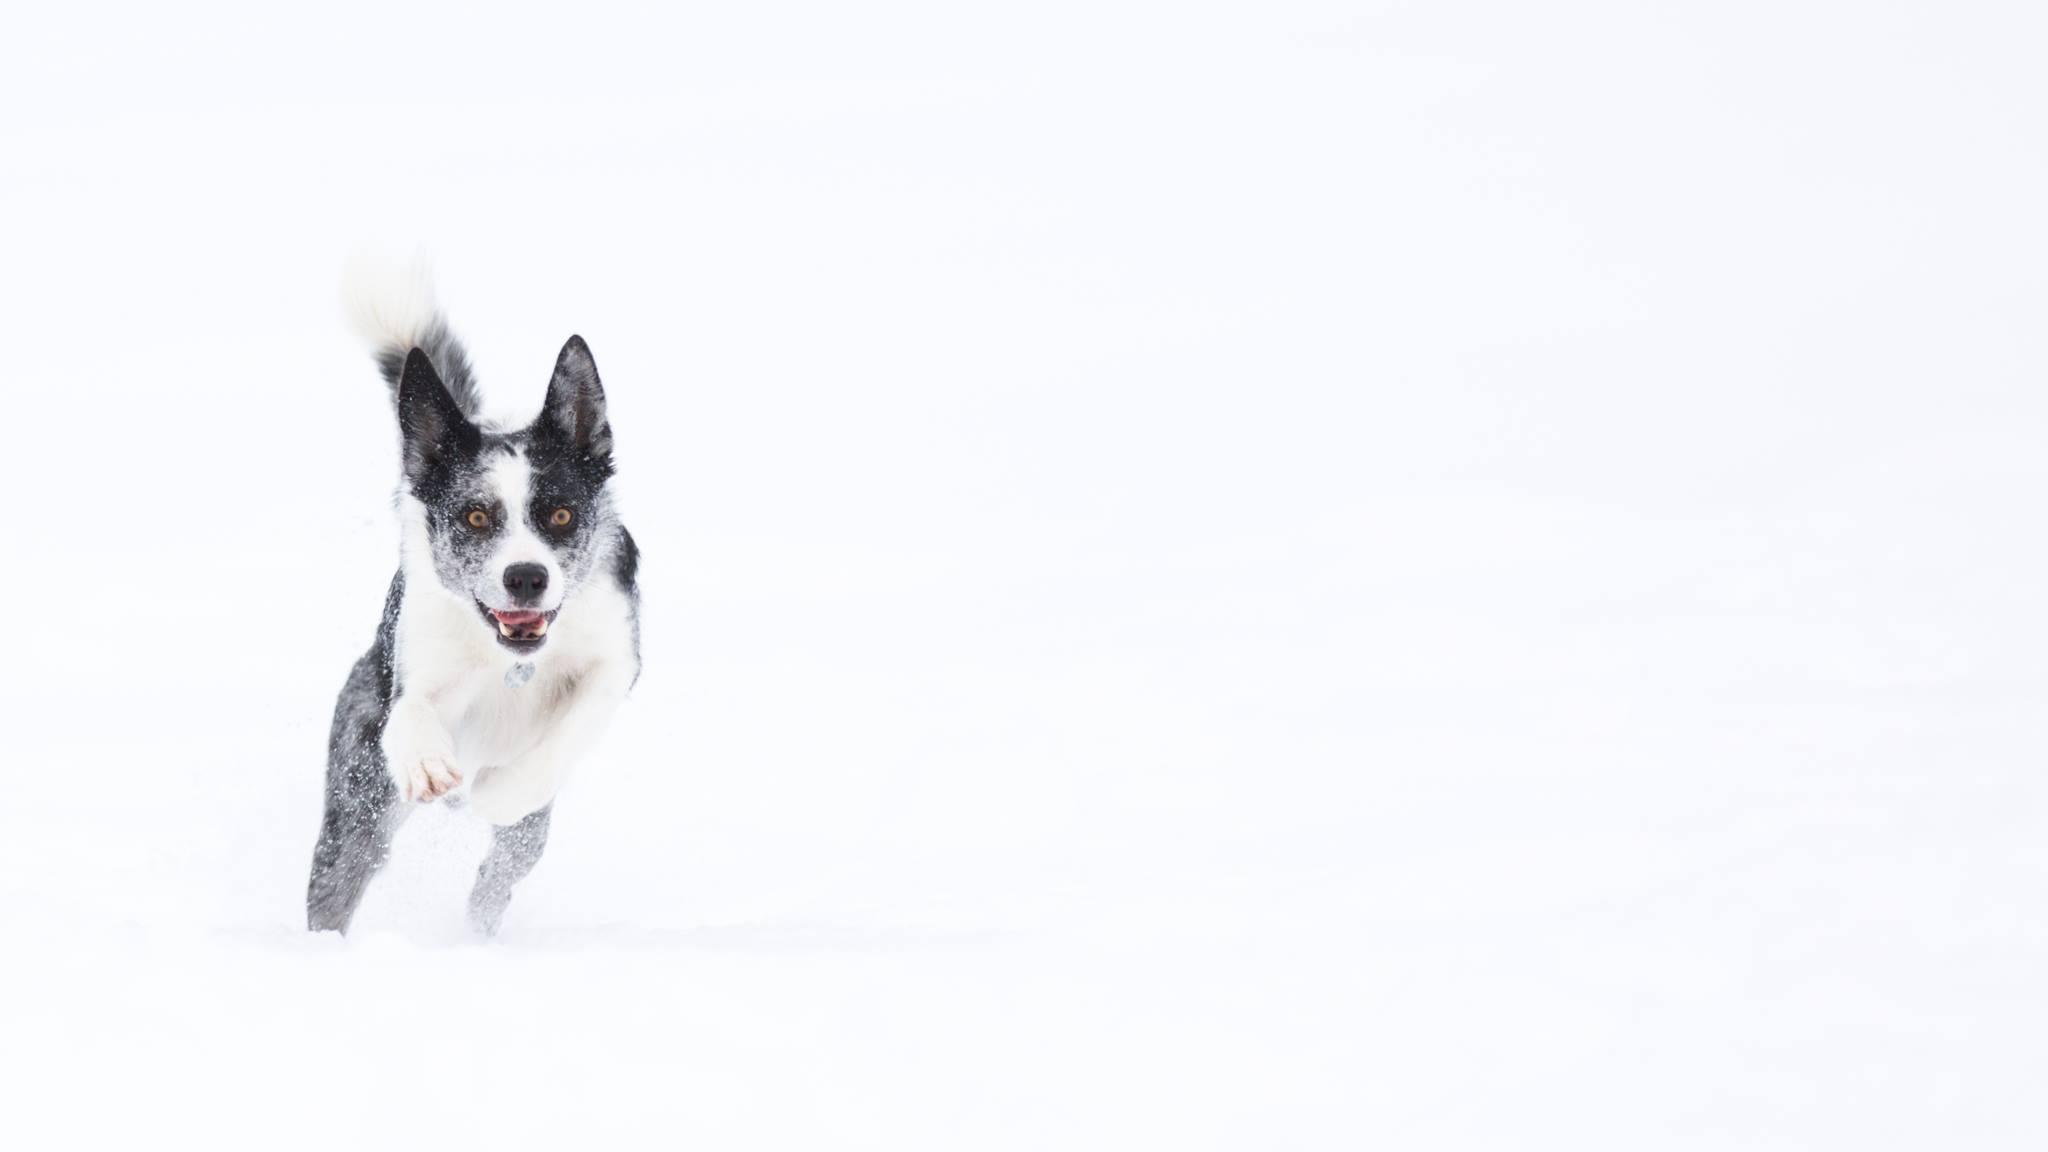 Martok snow.jpg